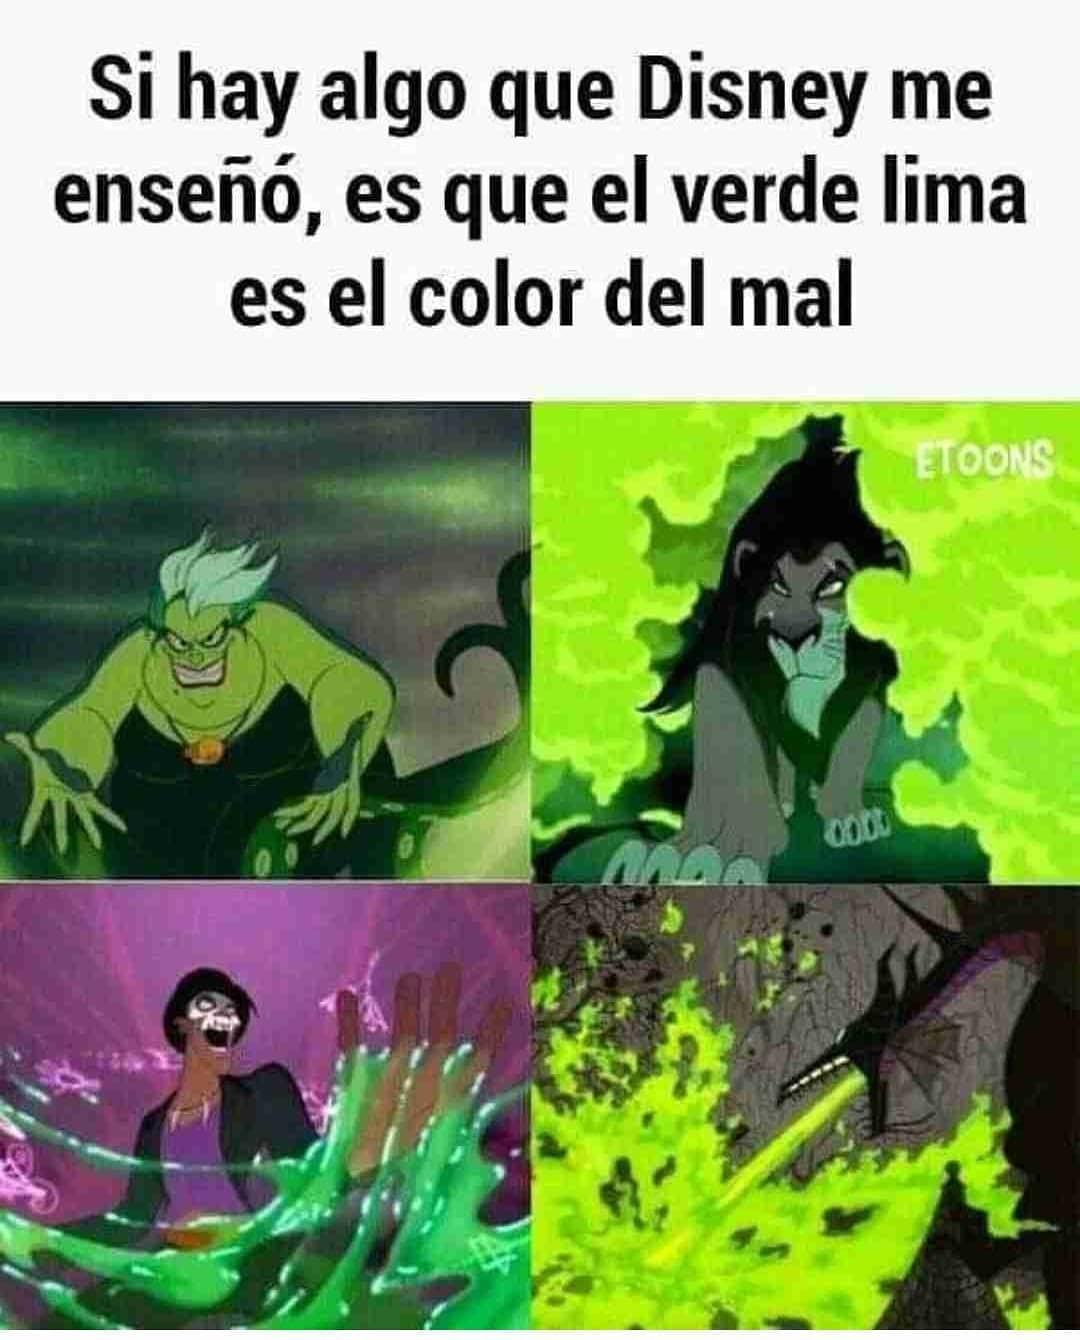 Si hay algo que Disney me enseñó, es que el verde lima es el color del mal.